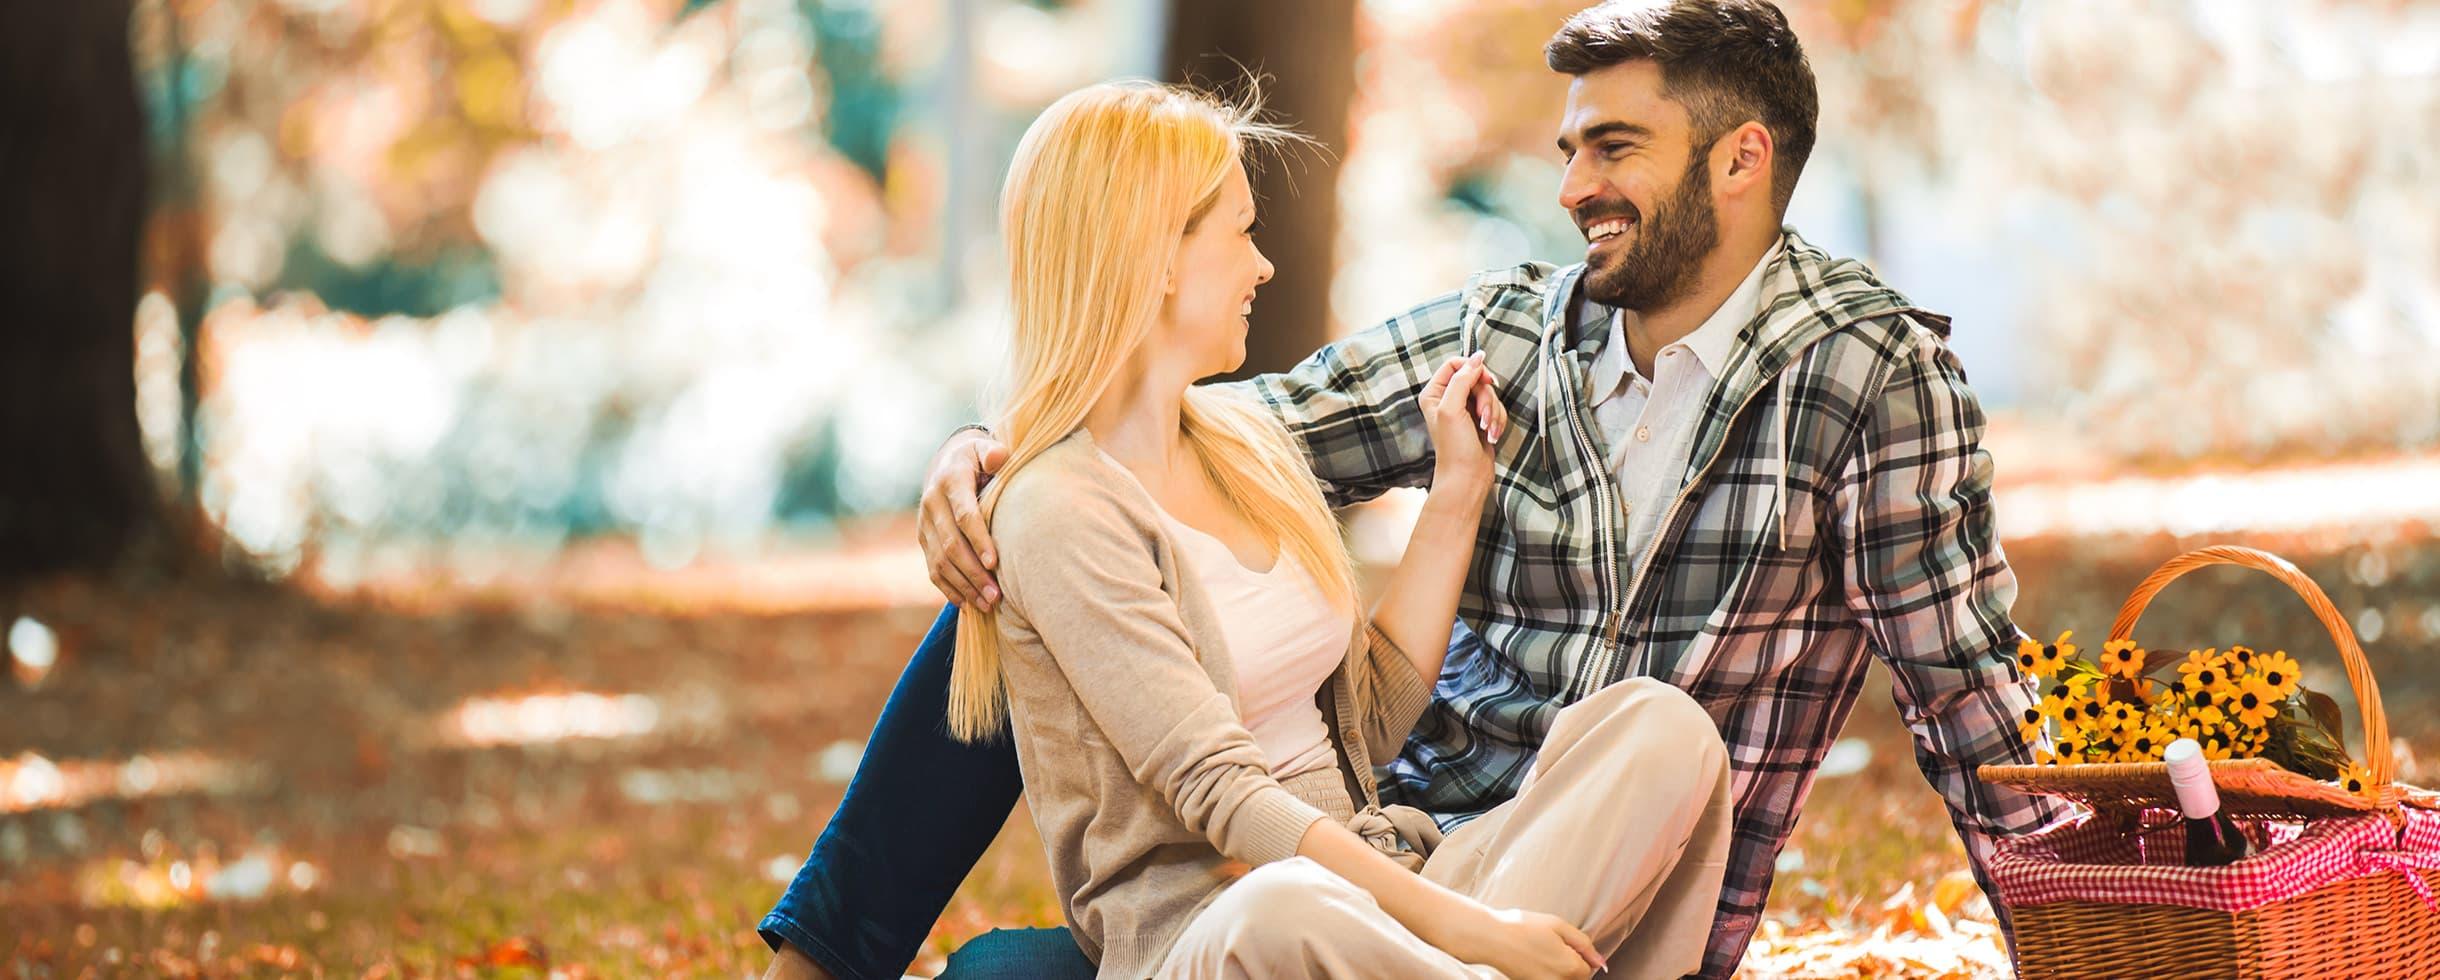 romantic couple enjoying a picnic